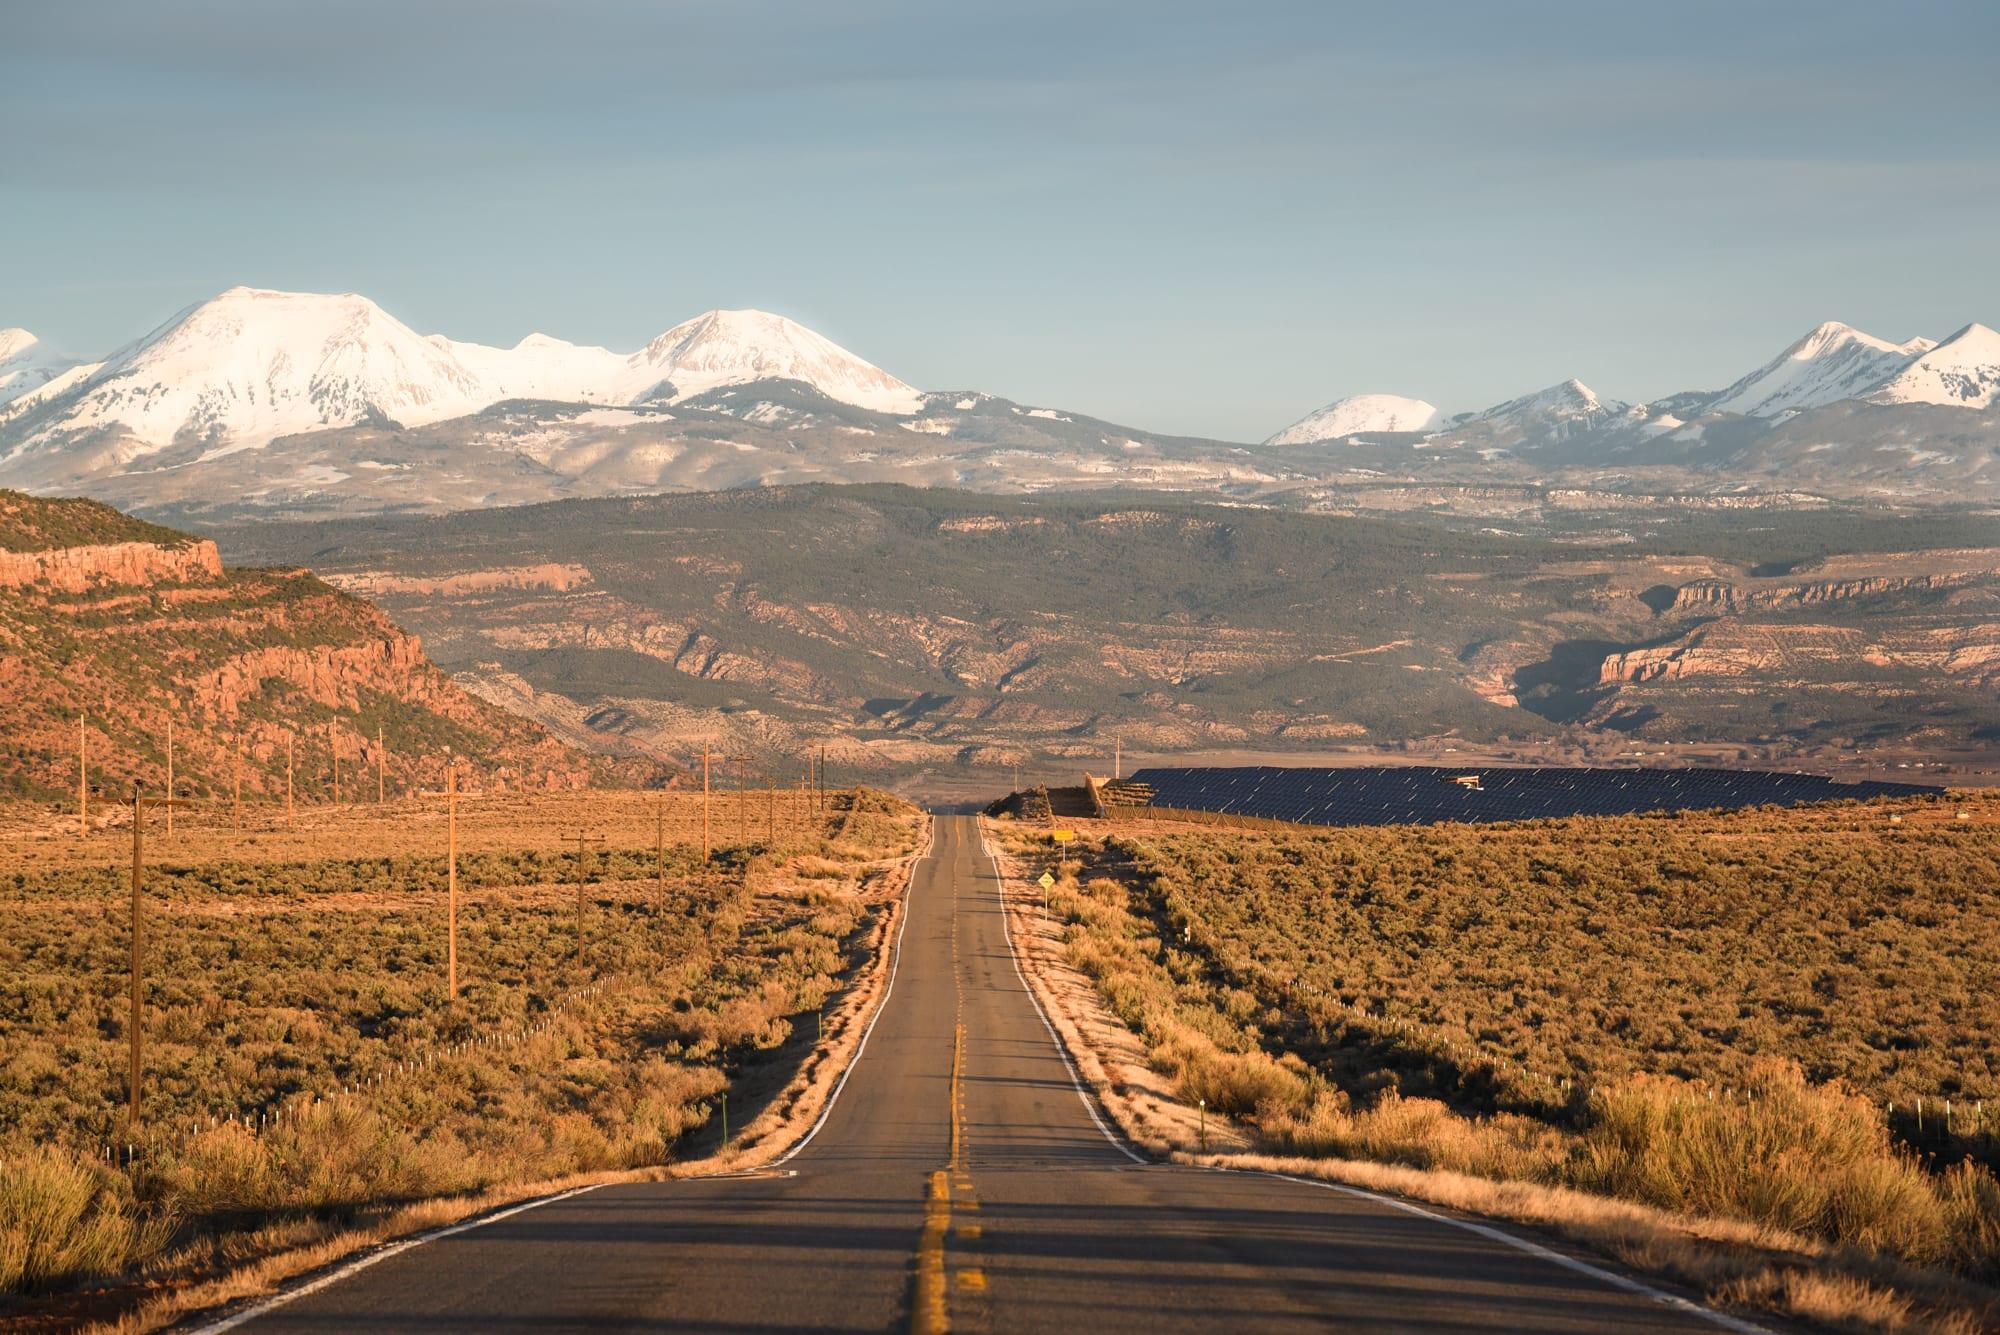 Paradox Valley Colorado Road La Sal Mountains in Distance Utah